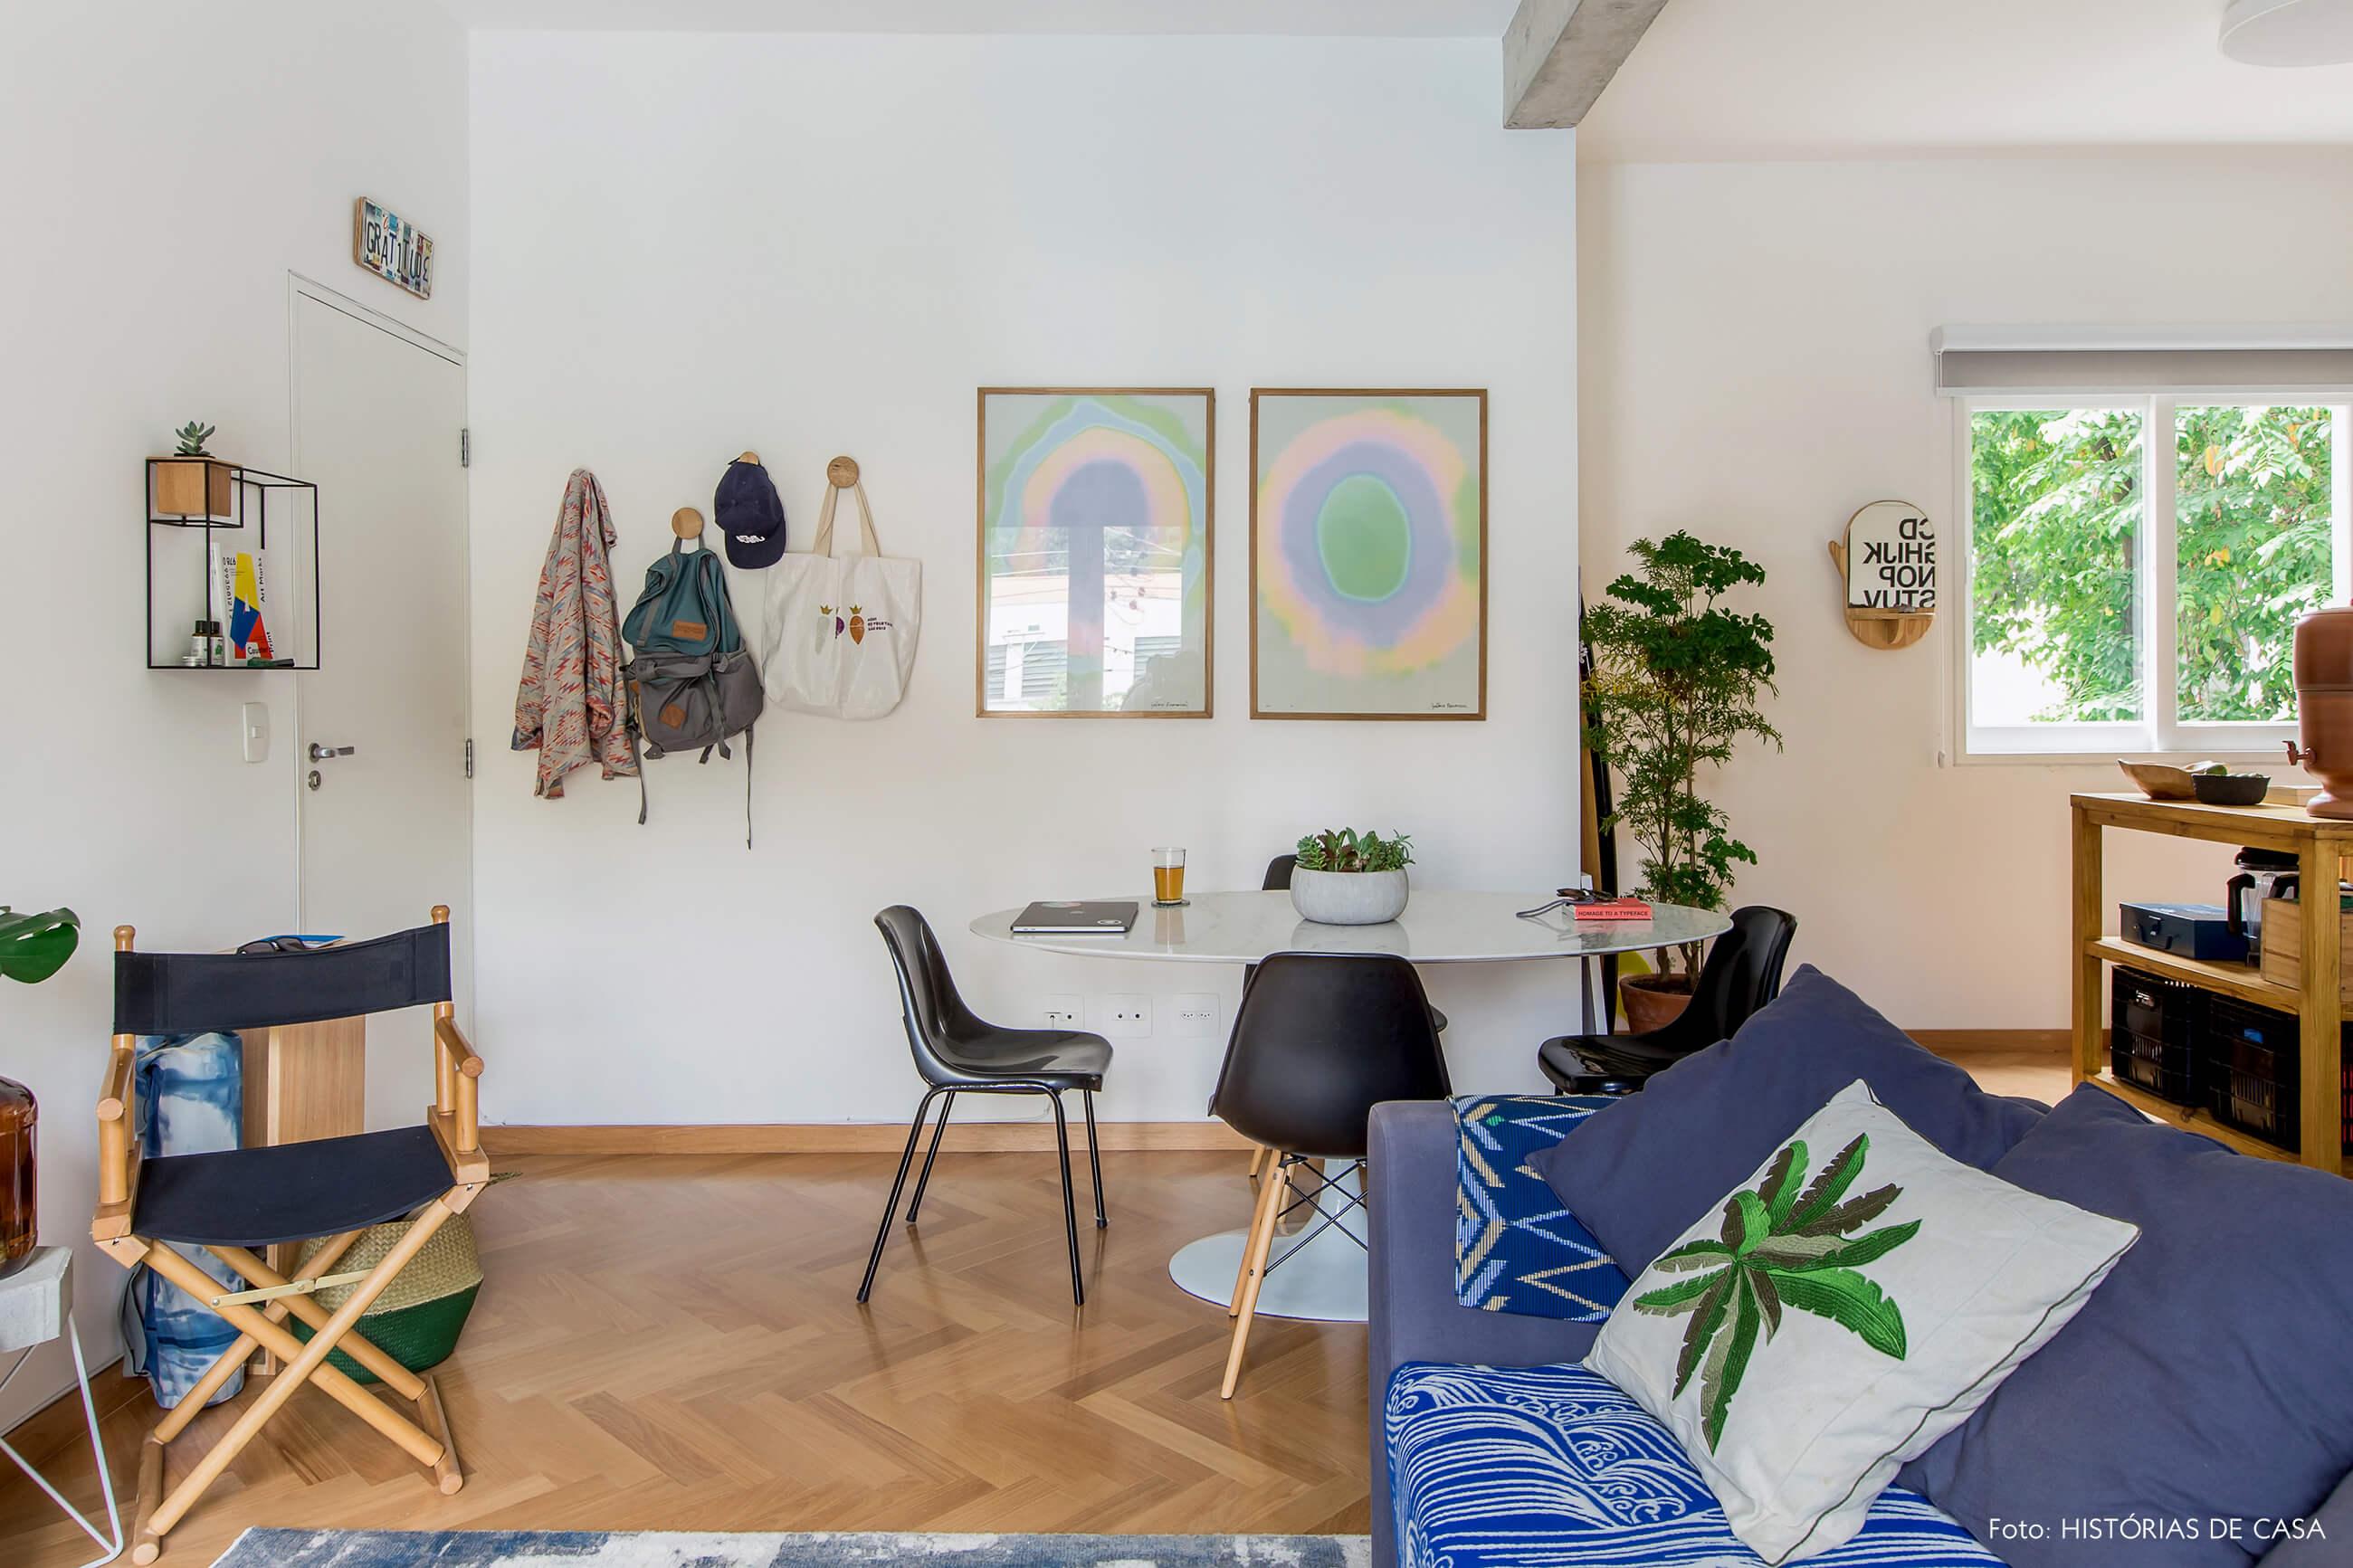 Apartamento alugado com decoração inspiradora, sala de jantar com mesa Saarinen